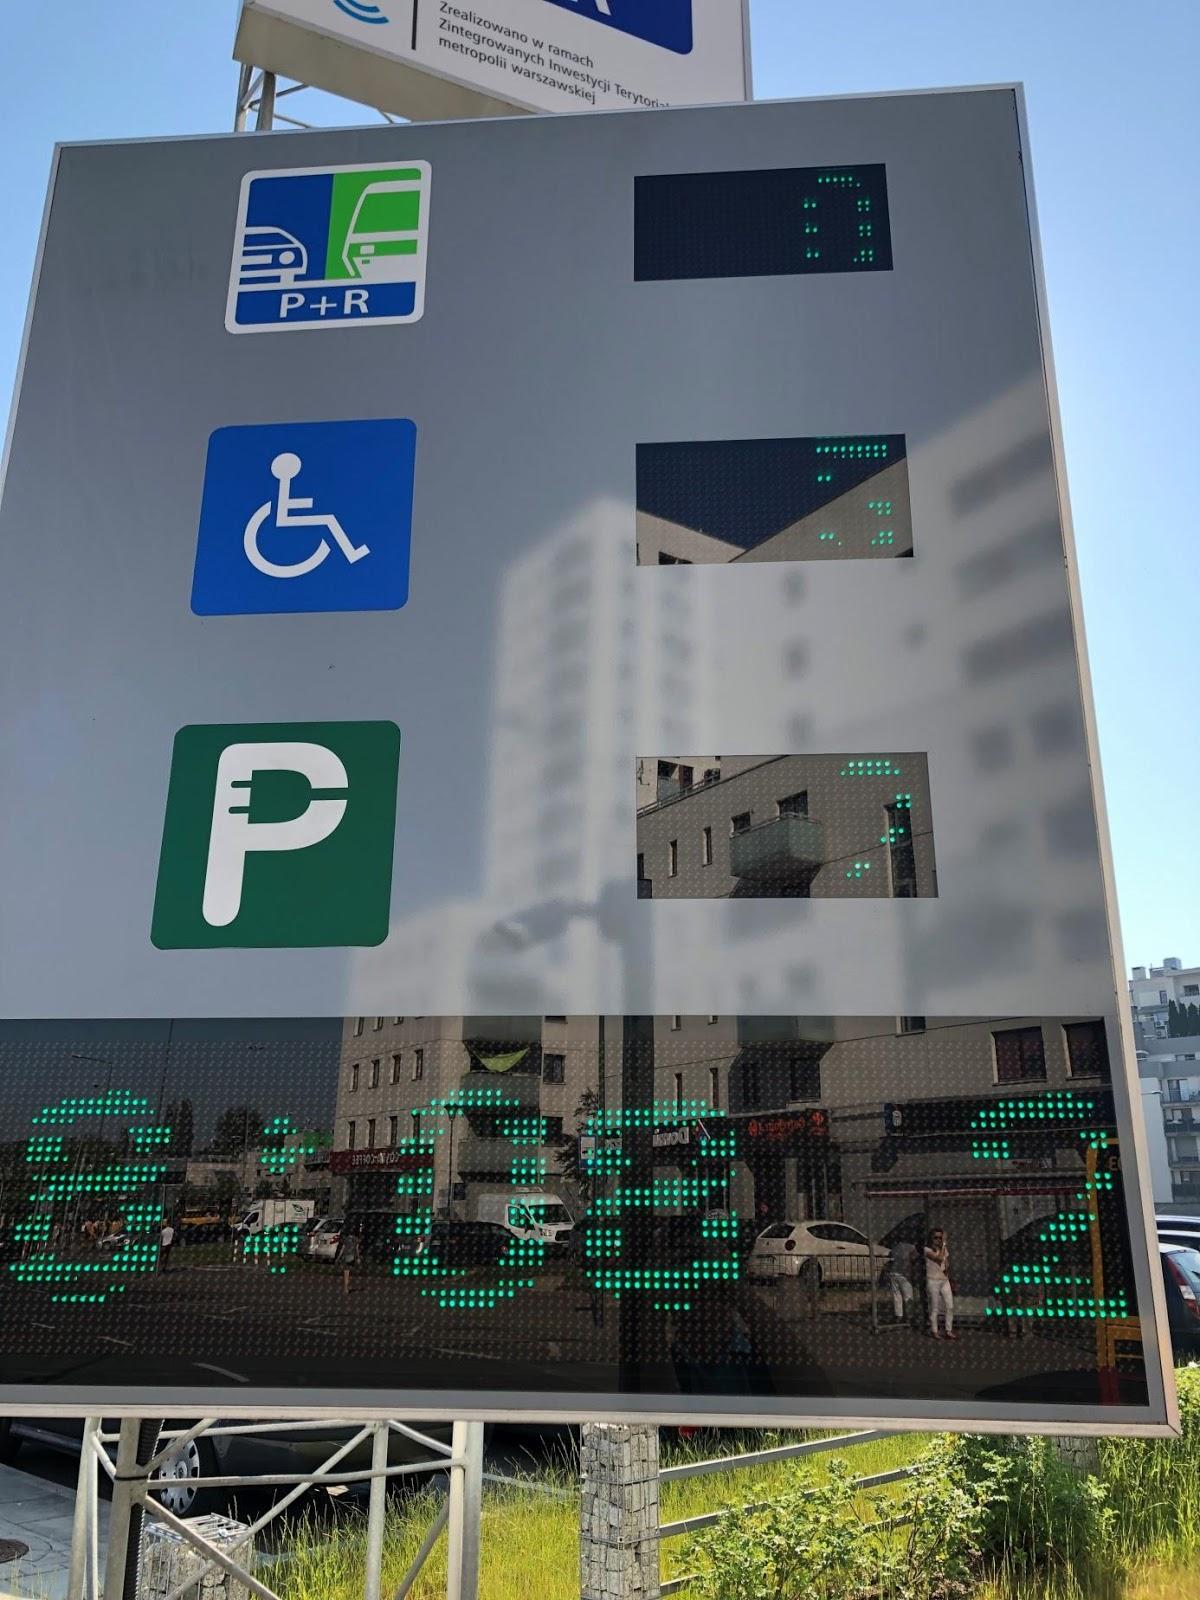 e-parkowanie: e-gadżet czypomoc dla kierowców?